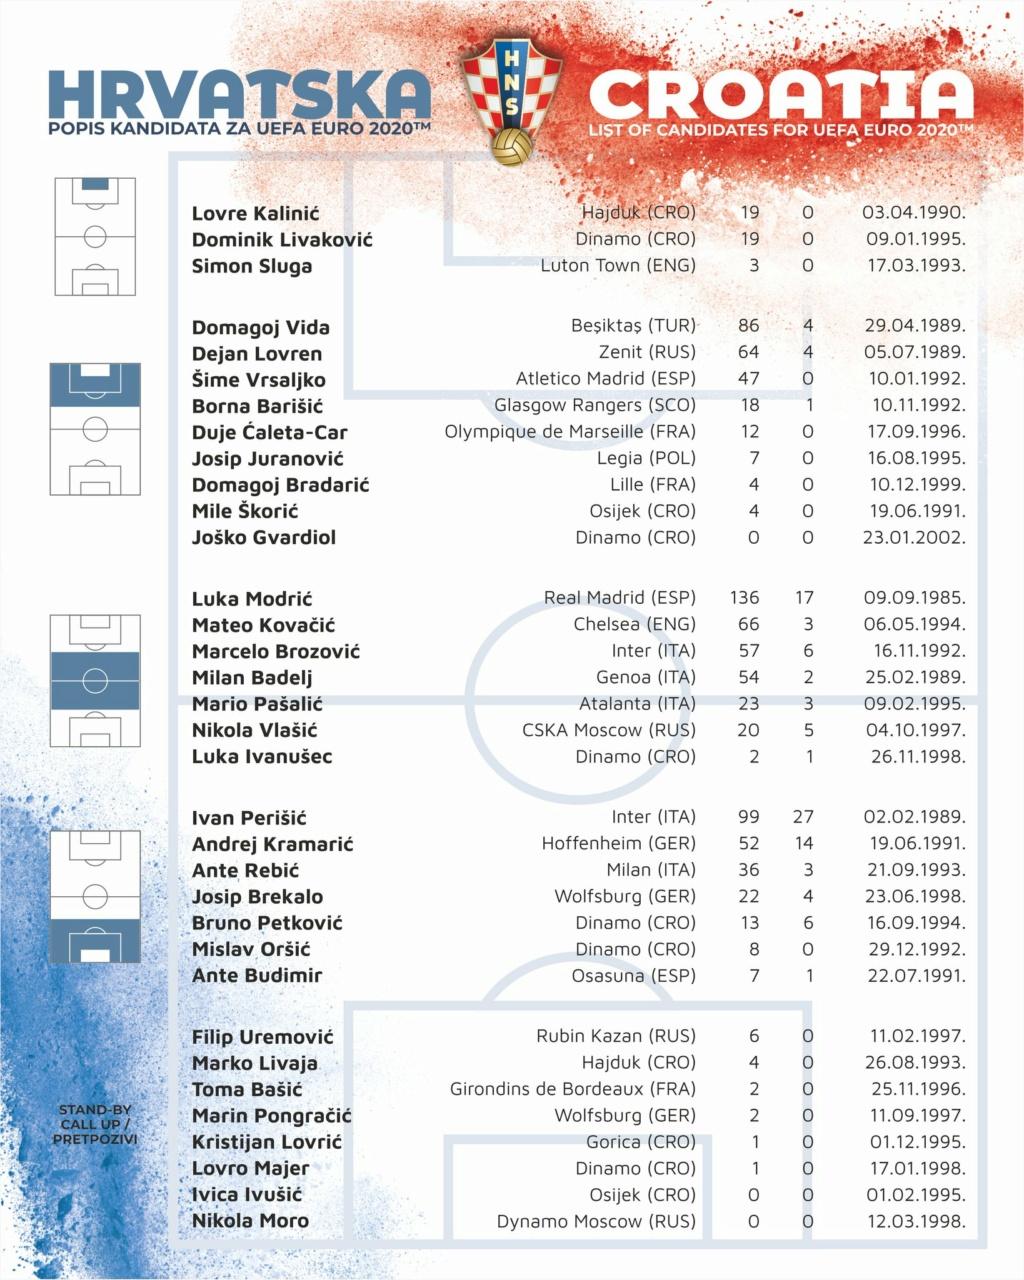 Eurocopa 2021: כיום ברית הגורל נגד אידיוטים נגד הסתגרות - Página 5 E1ly4710